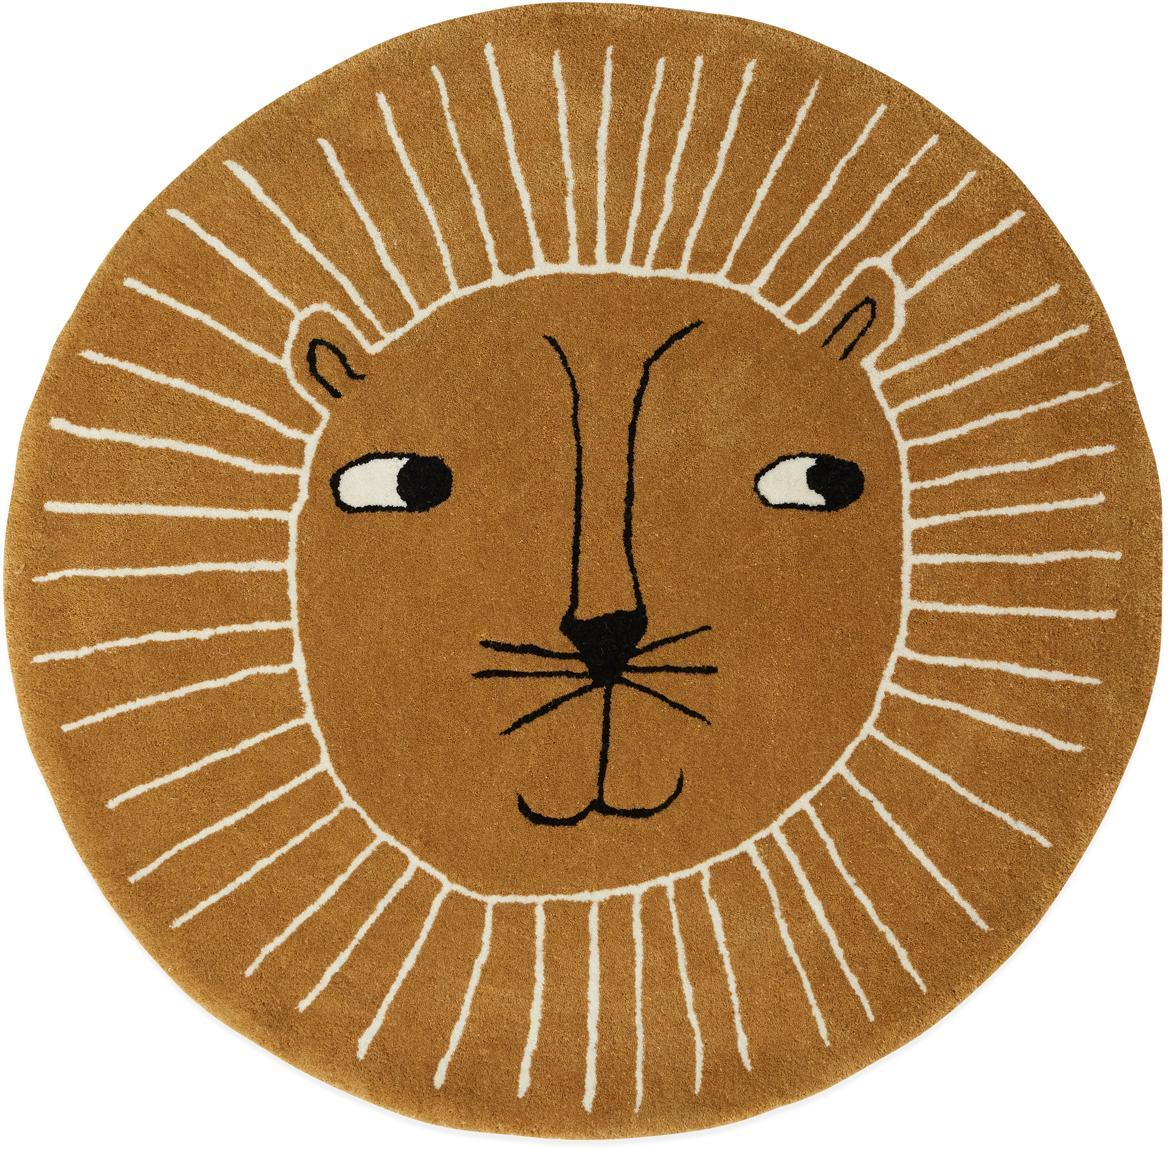 Wollteppich Lion, 80% Wolle, 20% Baumwolle, Karamellbraun, Schwarz, Weiß, Ø 95 cm